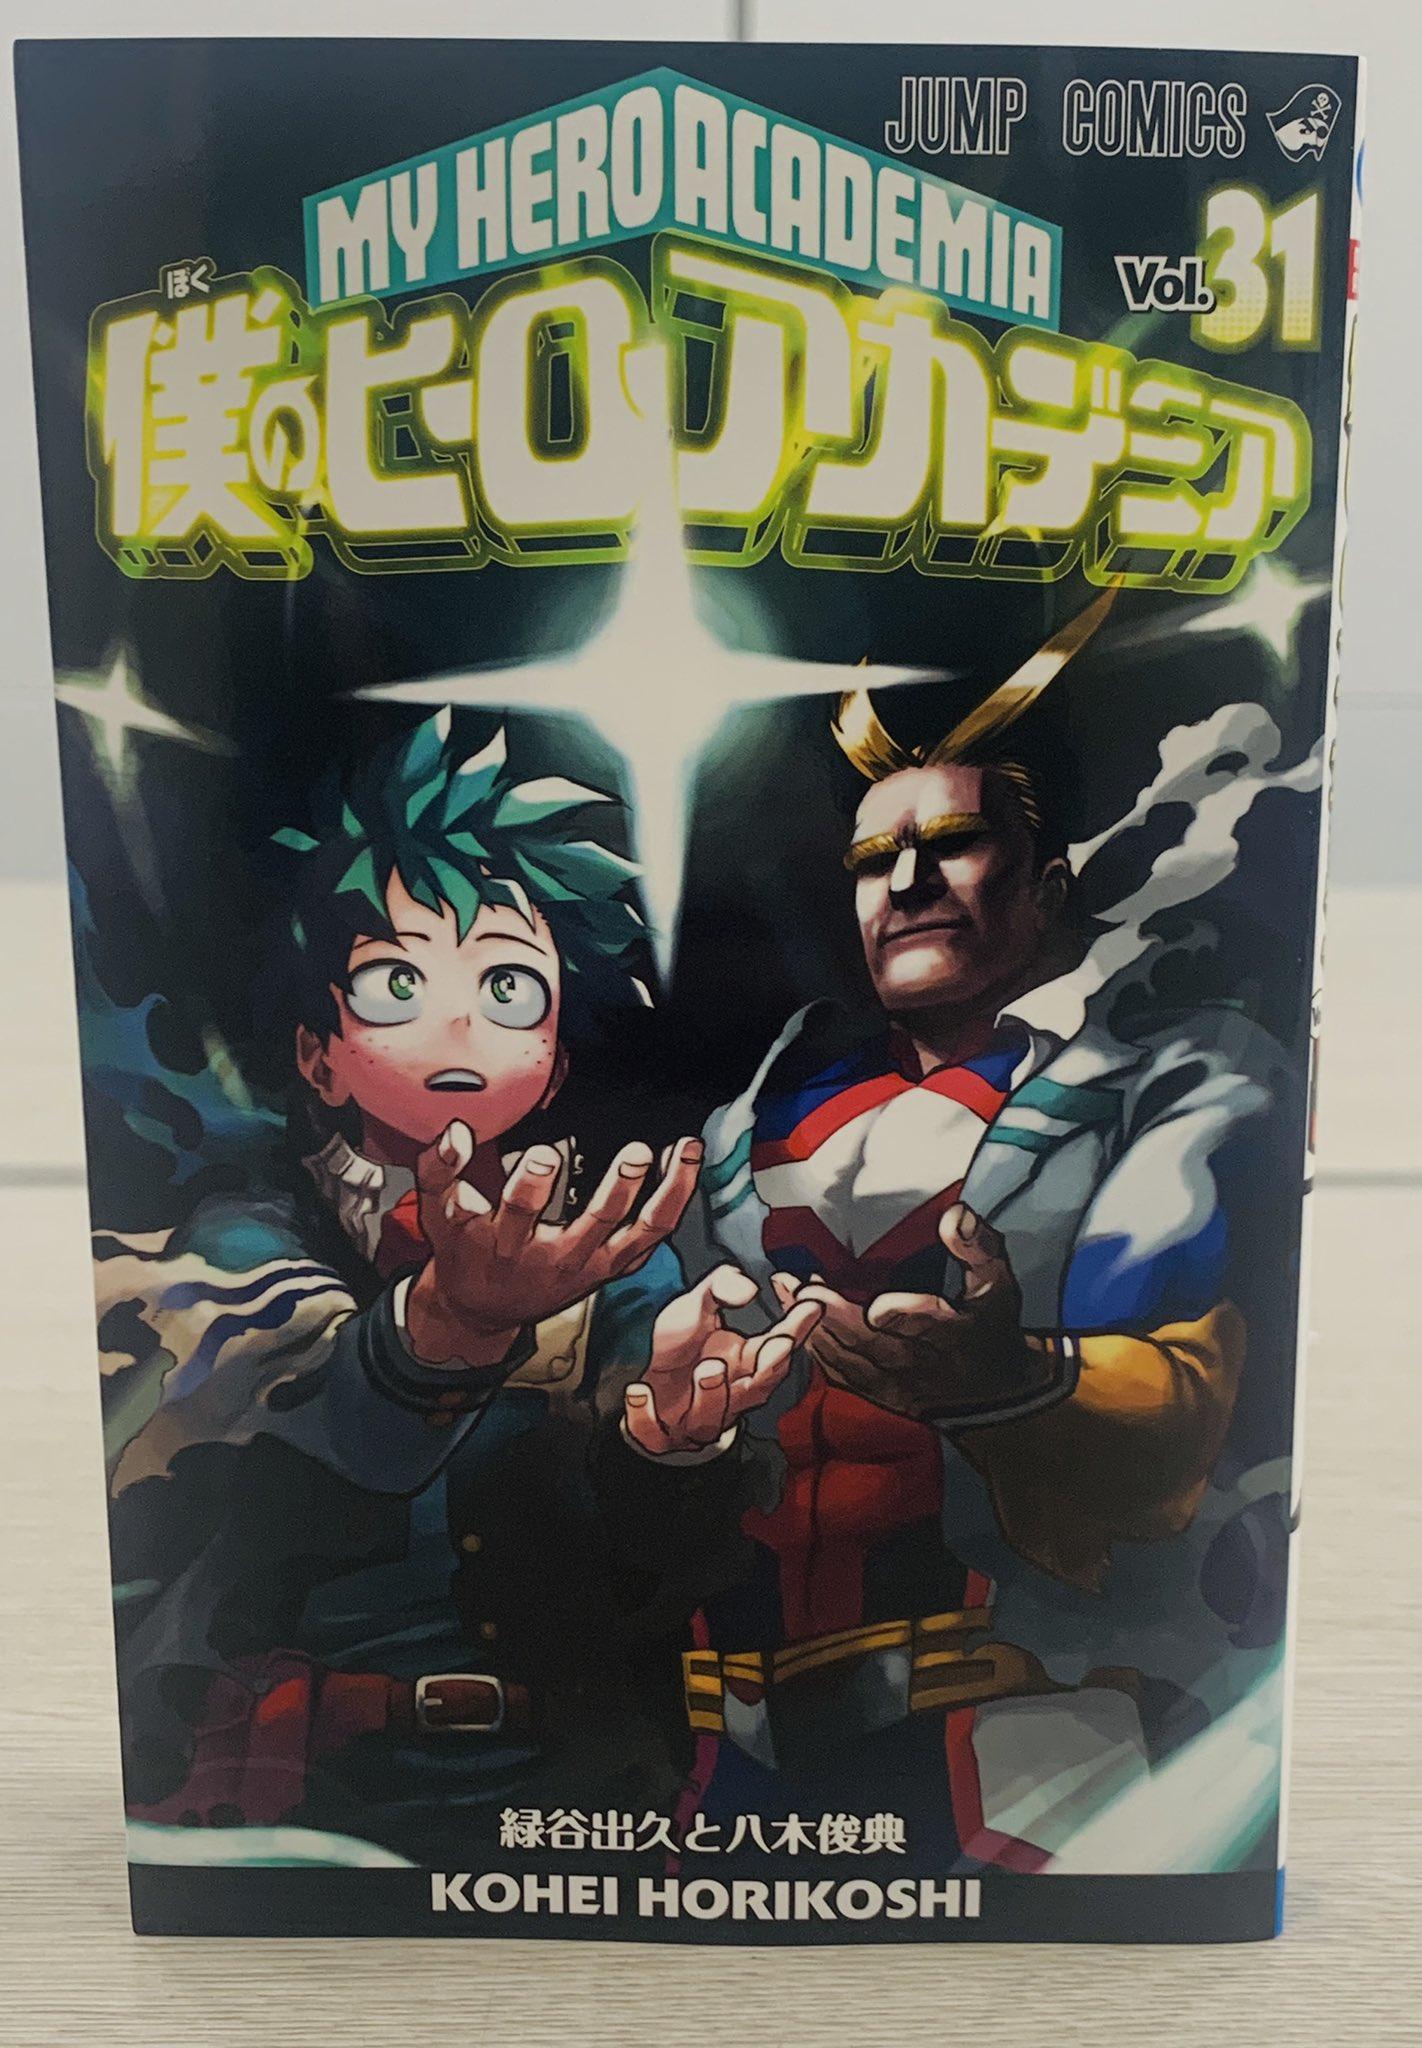 плакат тома 31 моей геройской академии